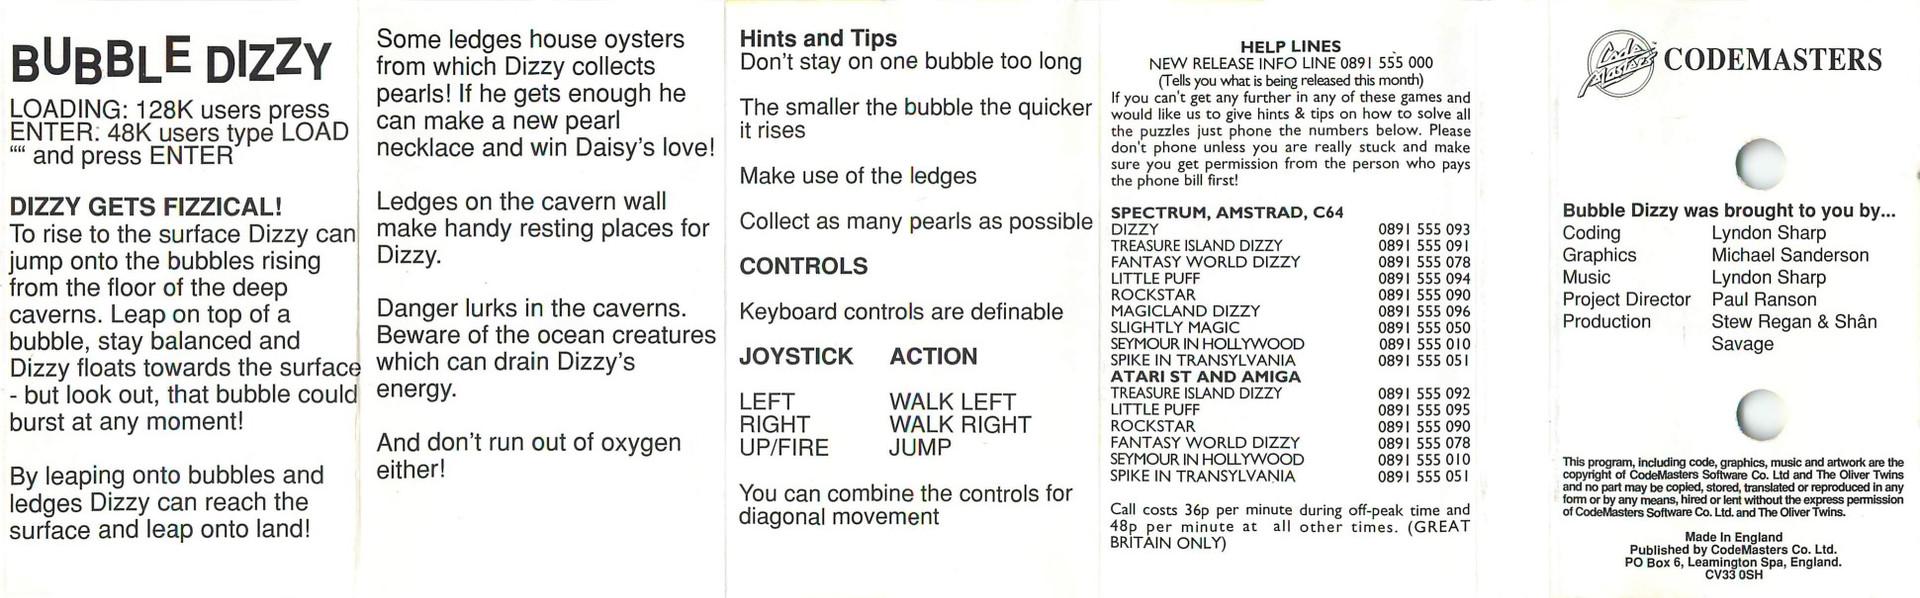 BubbleDizzySpectrumInside.jpg